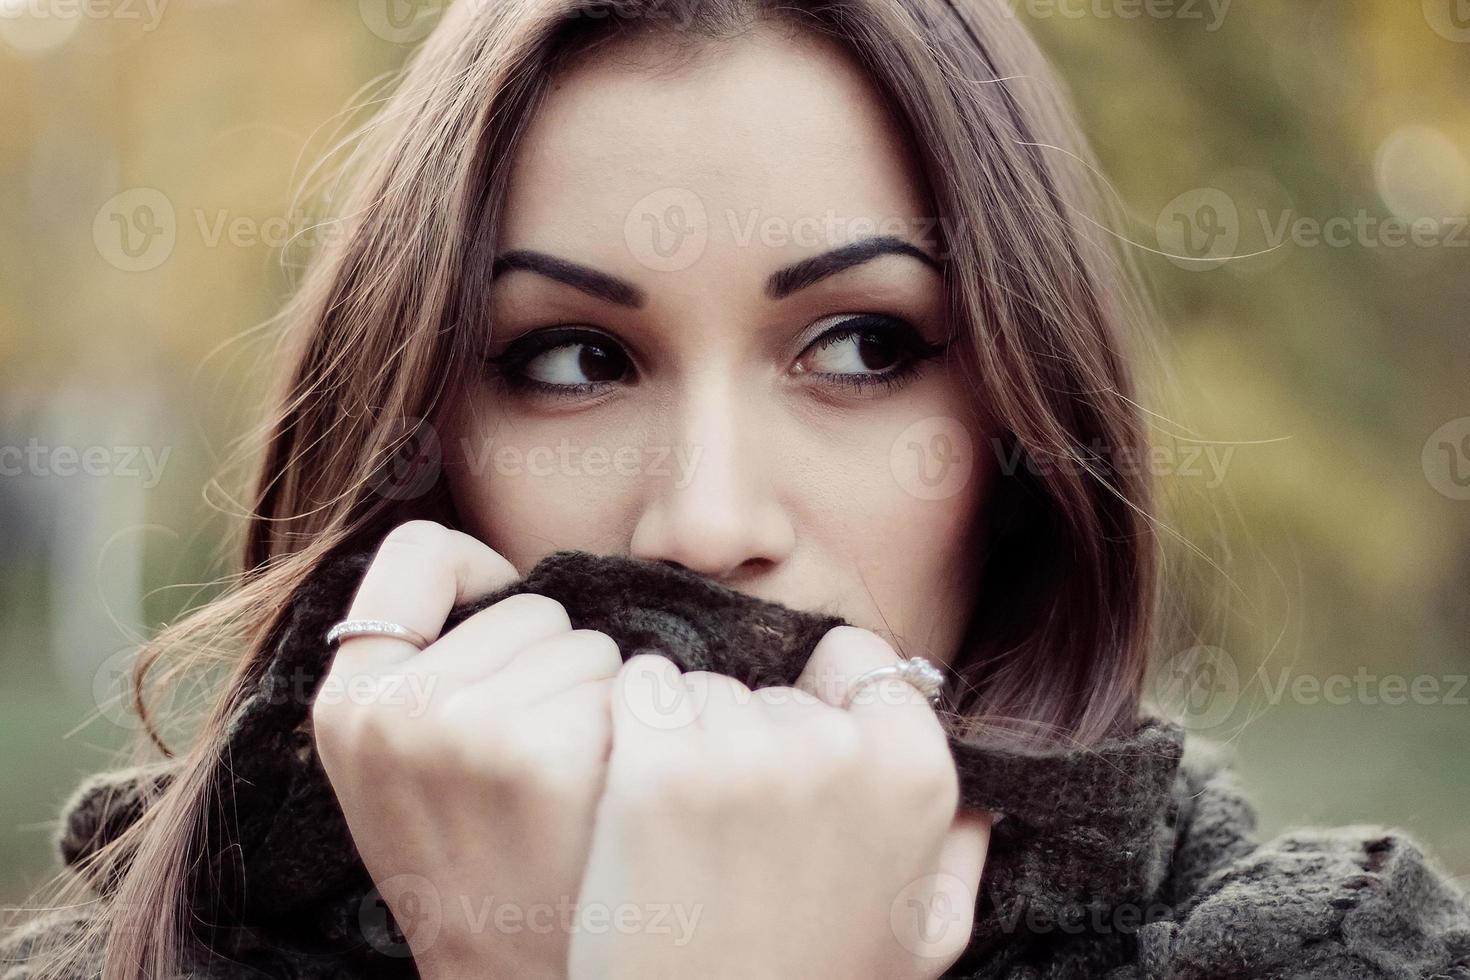 sorglig, mörkhårig kvinna insvept i en halsduk foto